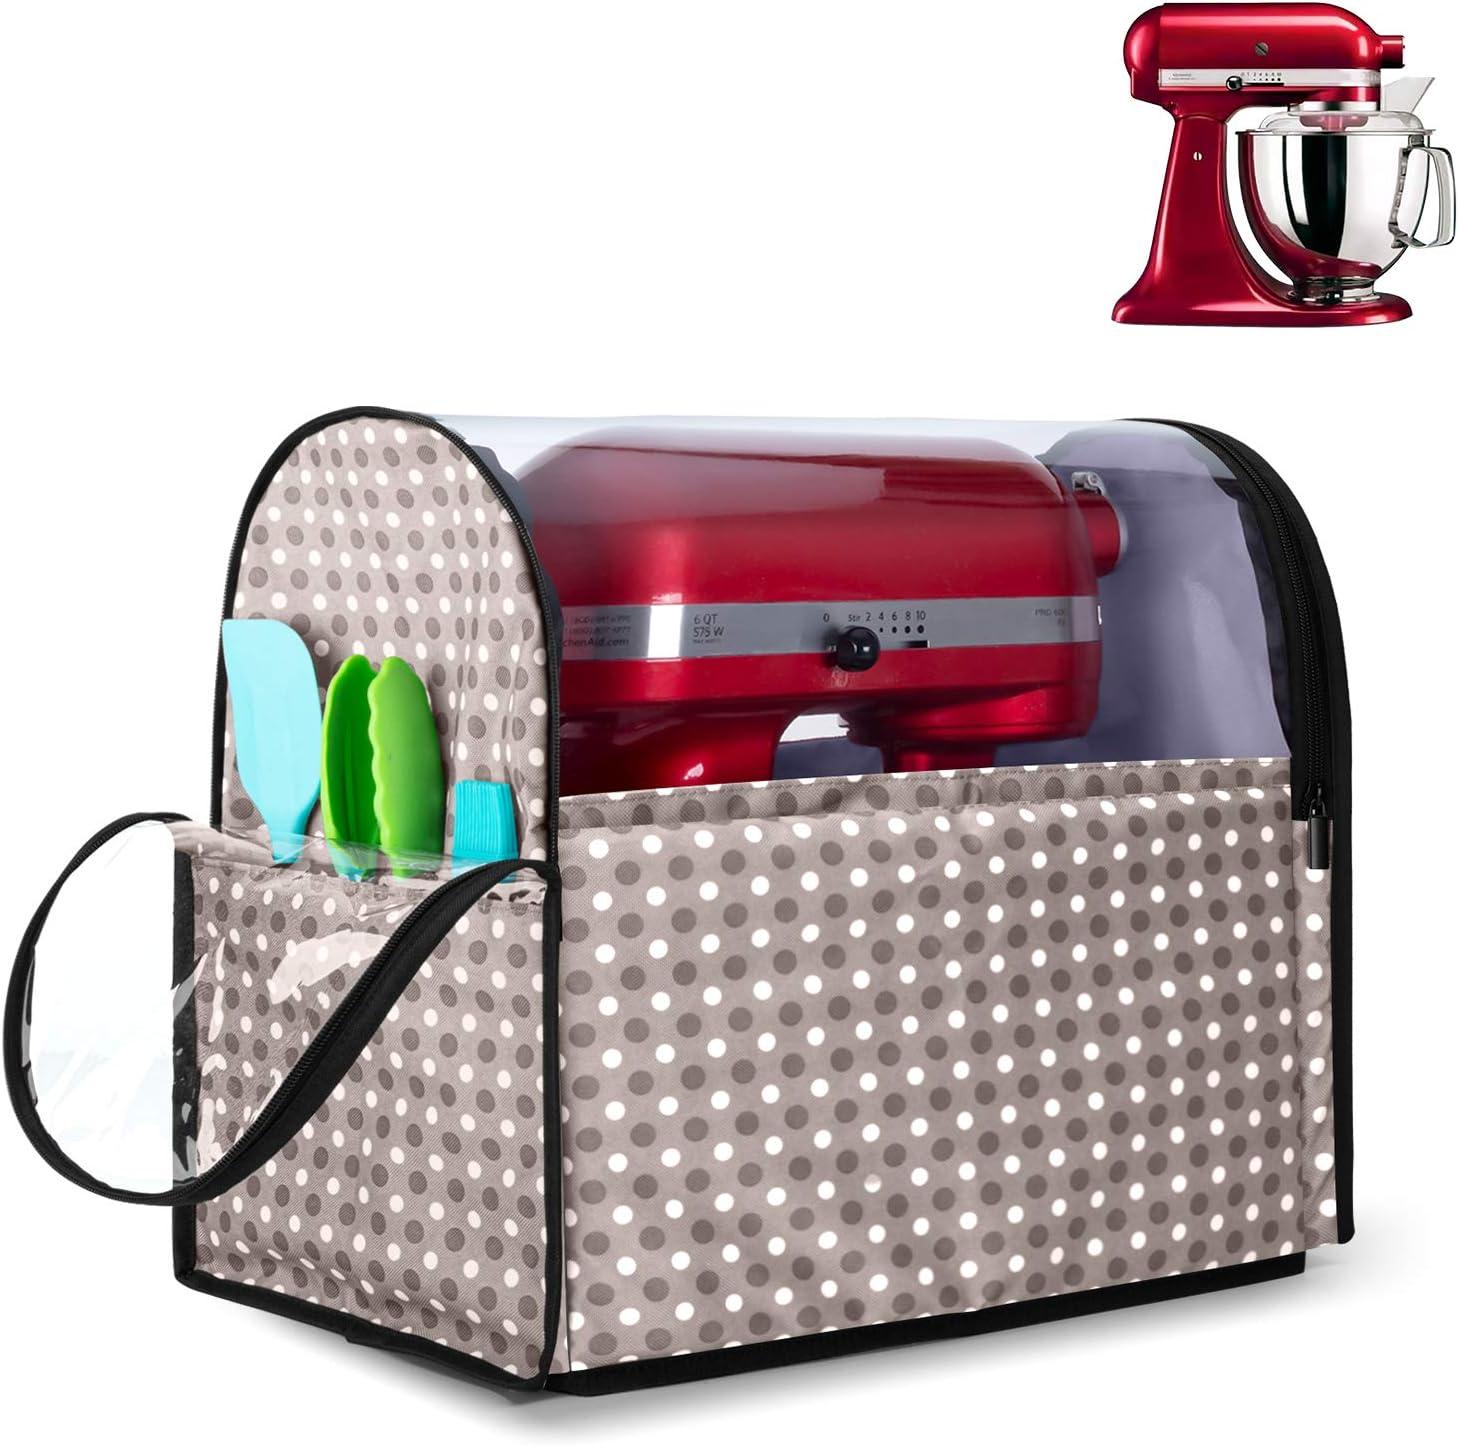 Yarwo Cubierta para KitchenAid Robots de Cocina, Funda para Batidoras amasadoras, Cubierta Encaja para Todos los KitchenAid Robots de Cocina 4.3 y 4.8 litros, Punto Gris